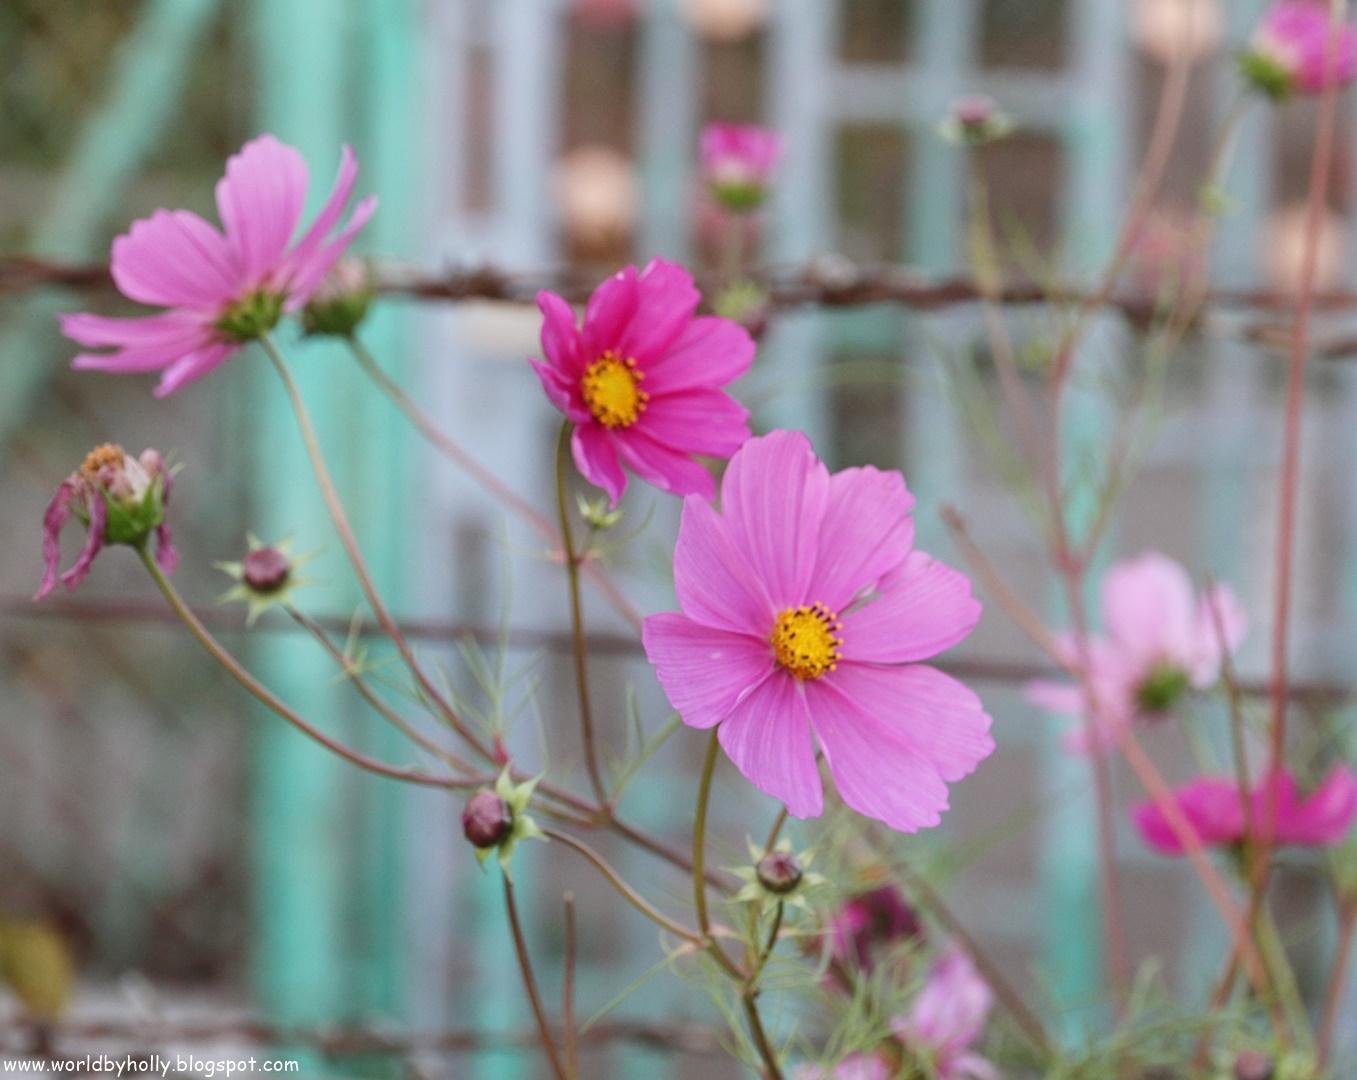 kwiaty do ogrodu, piękne kwiaty, łatwe w uprawie kwiaty do ogrodu, onetek, kosmos